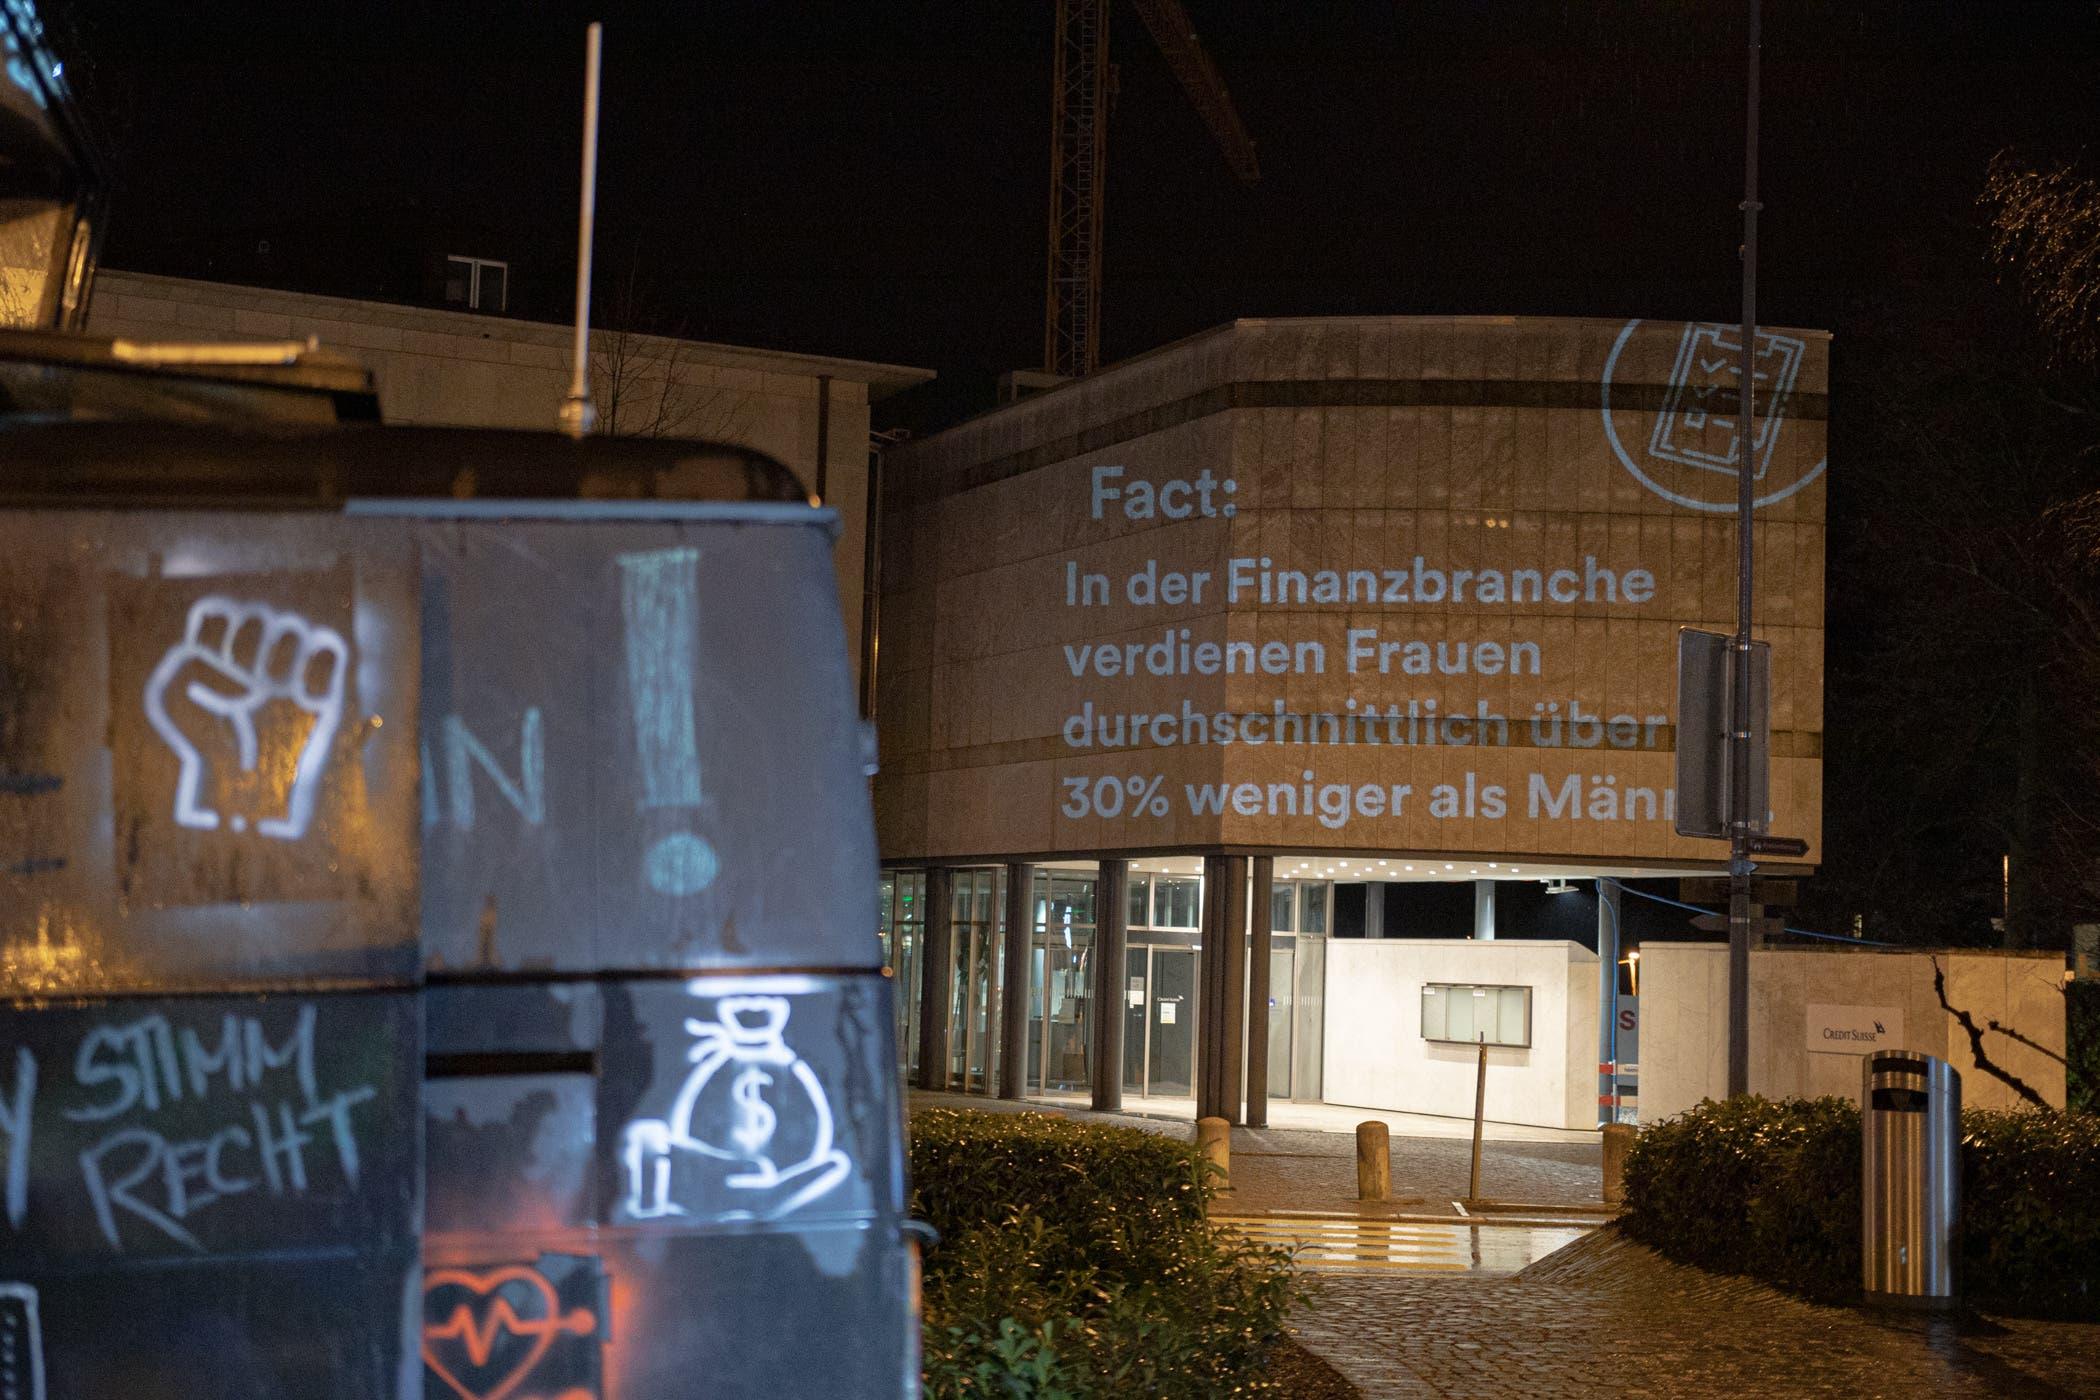 Die Fassade der Credit Suisse in Wohlen ziert eine feministische Leuchtschrift.